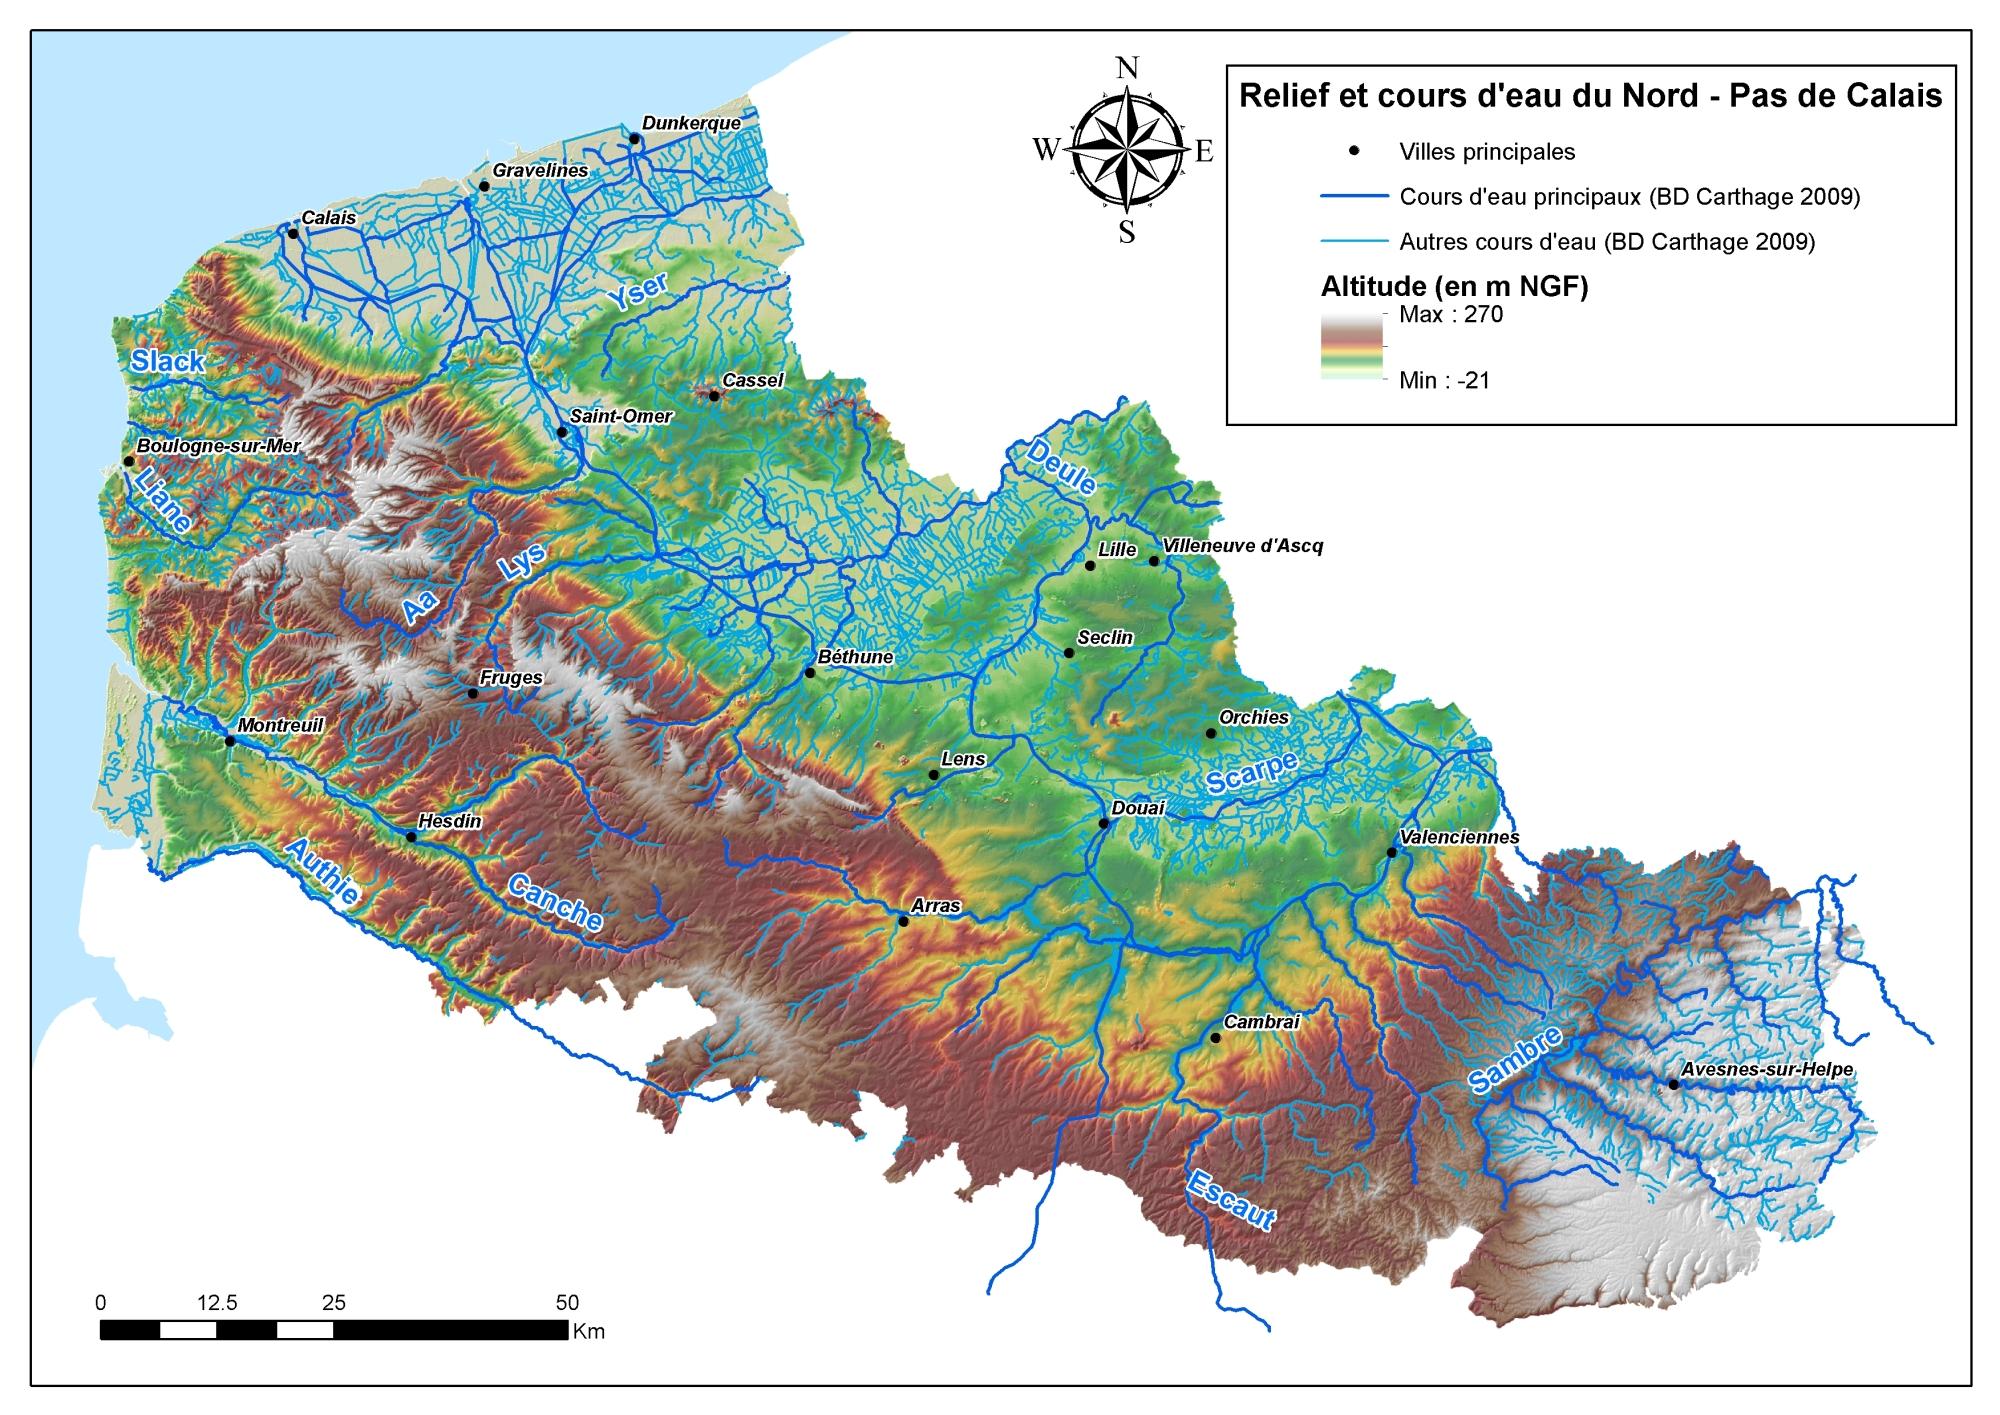 Carte des reliefs et cours d'eau de la région nord-pas de calais